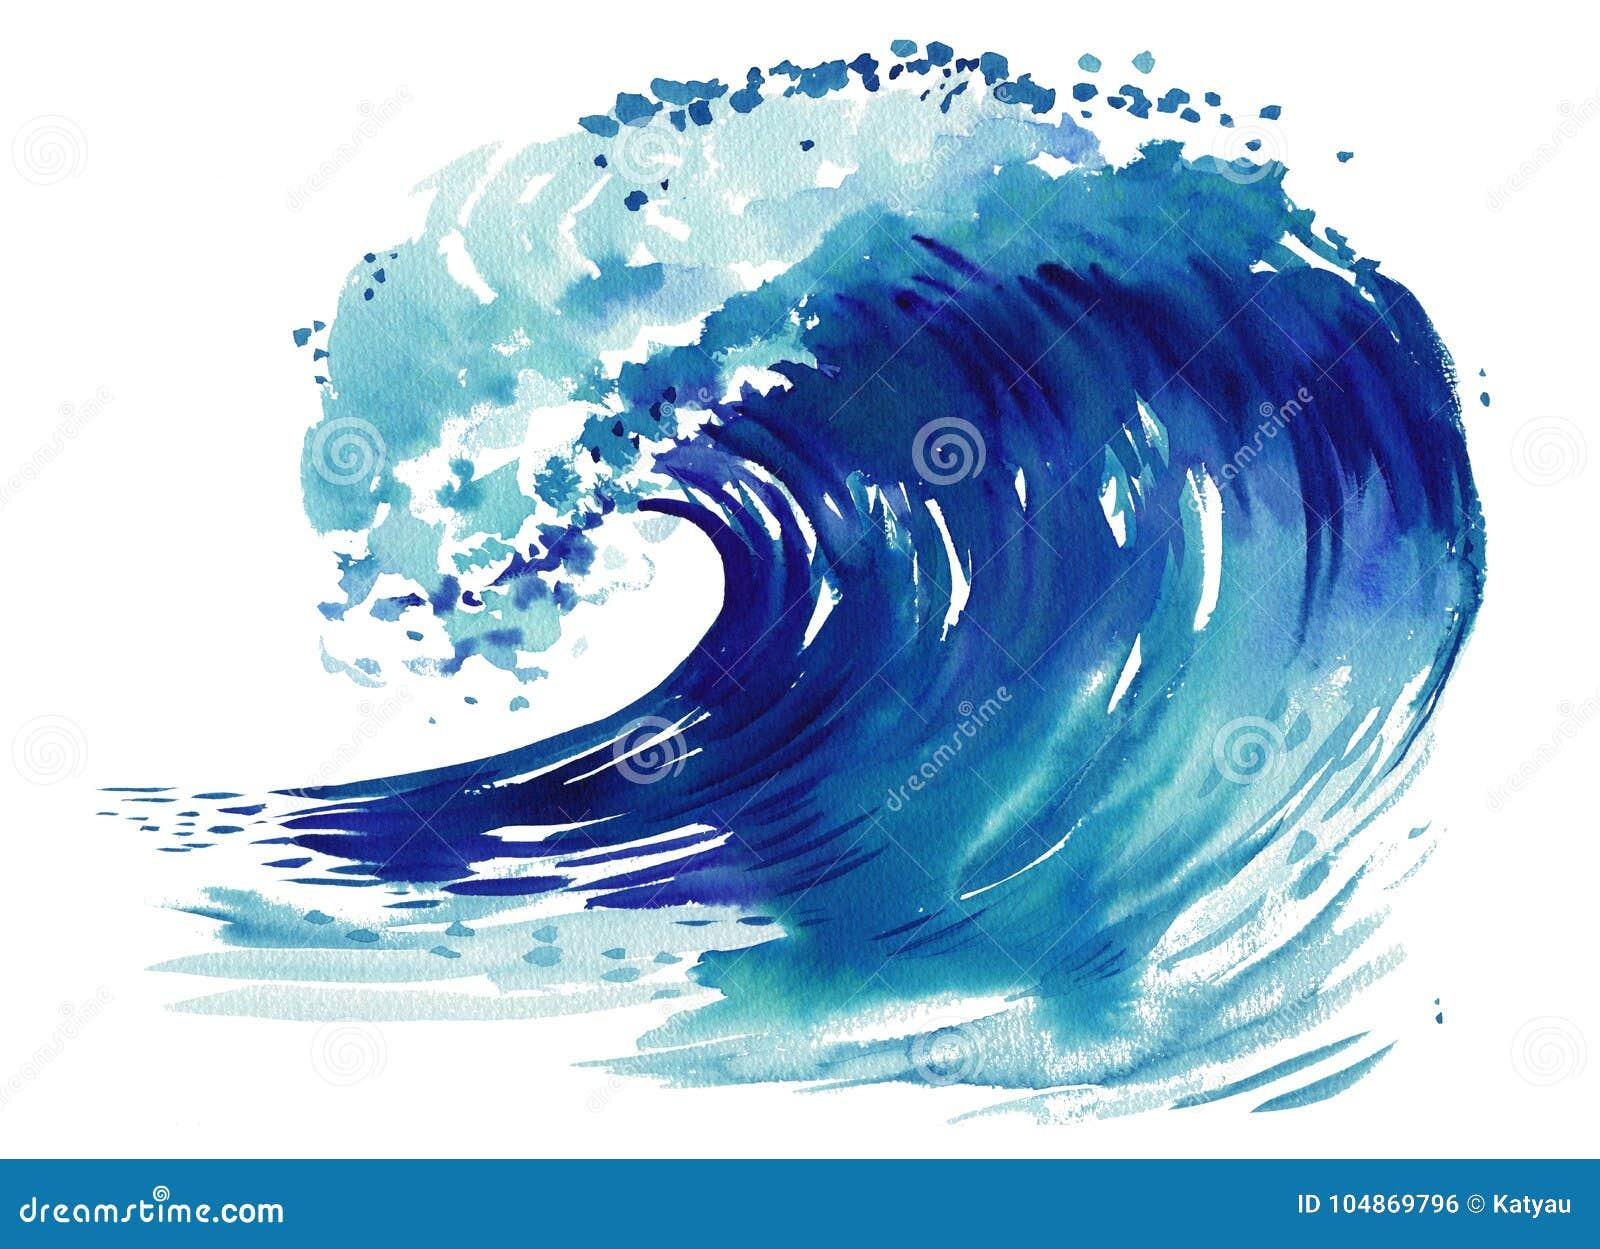 Overzeese golf Abstracte waterverfhand getrokken die illustratie, op witte achtergrond wordt geïsoleerd